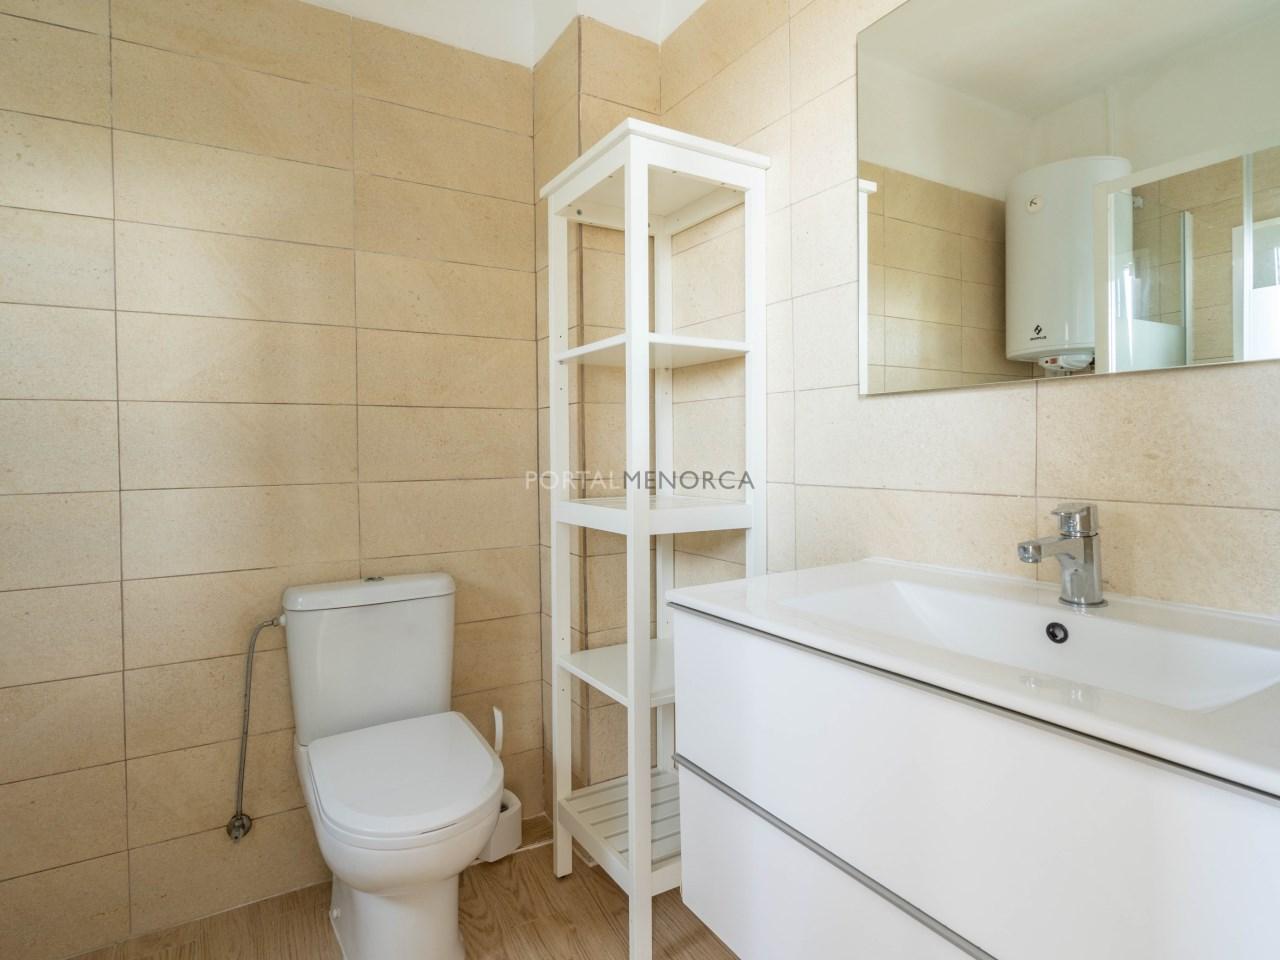 acheter-appartement-minorque (1)